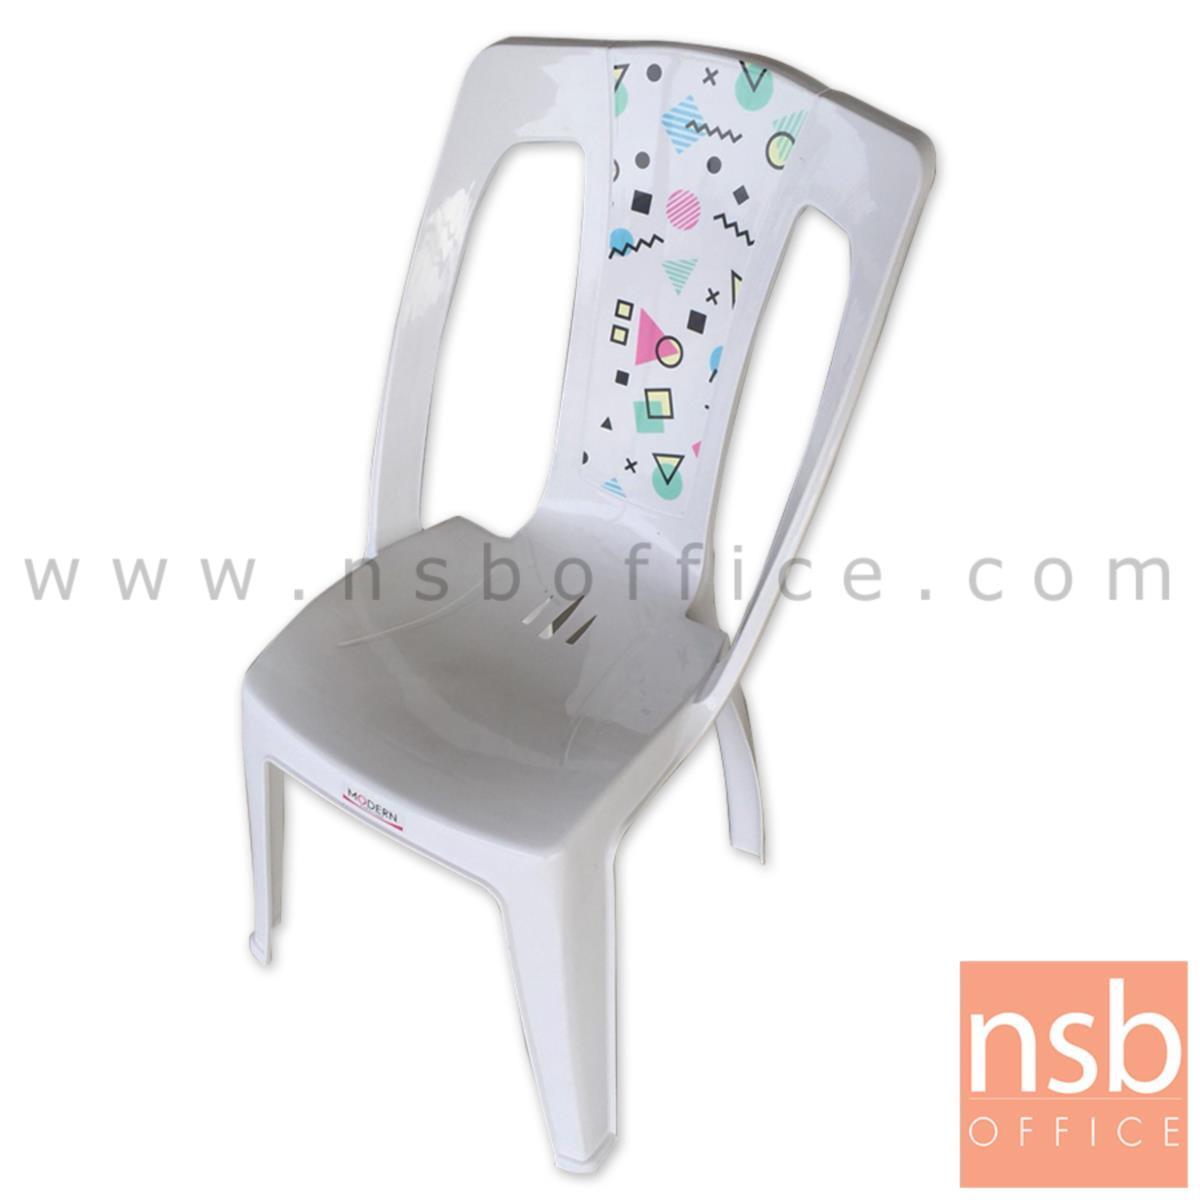 B10A083:เก้าอี้พลาสติก รุ่น LOLYPOP-MO10 ซ้อนเก็บได้ (พลาสติกเกรด A)